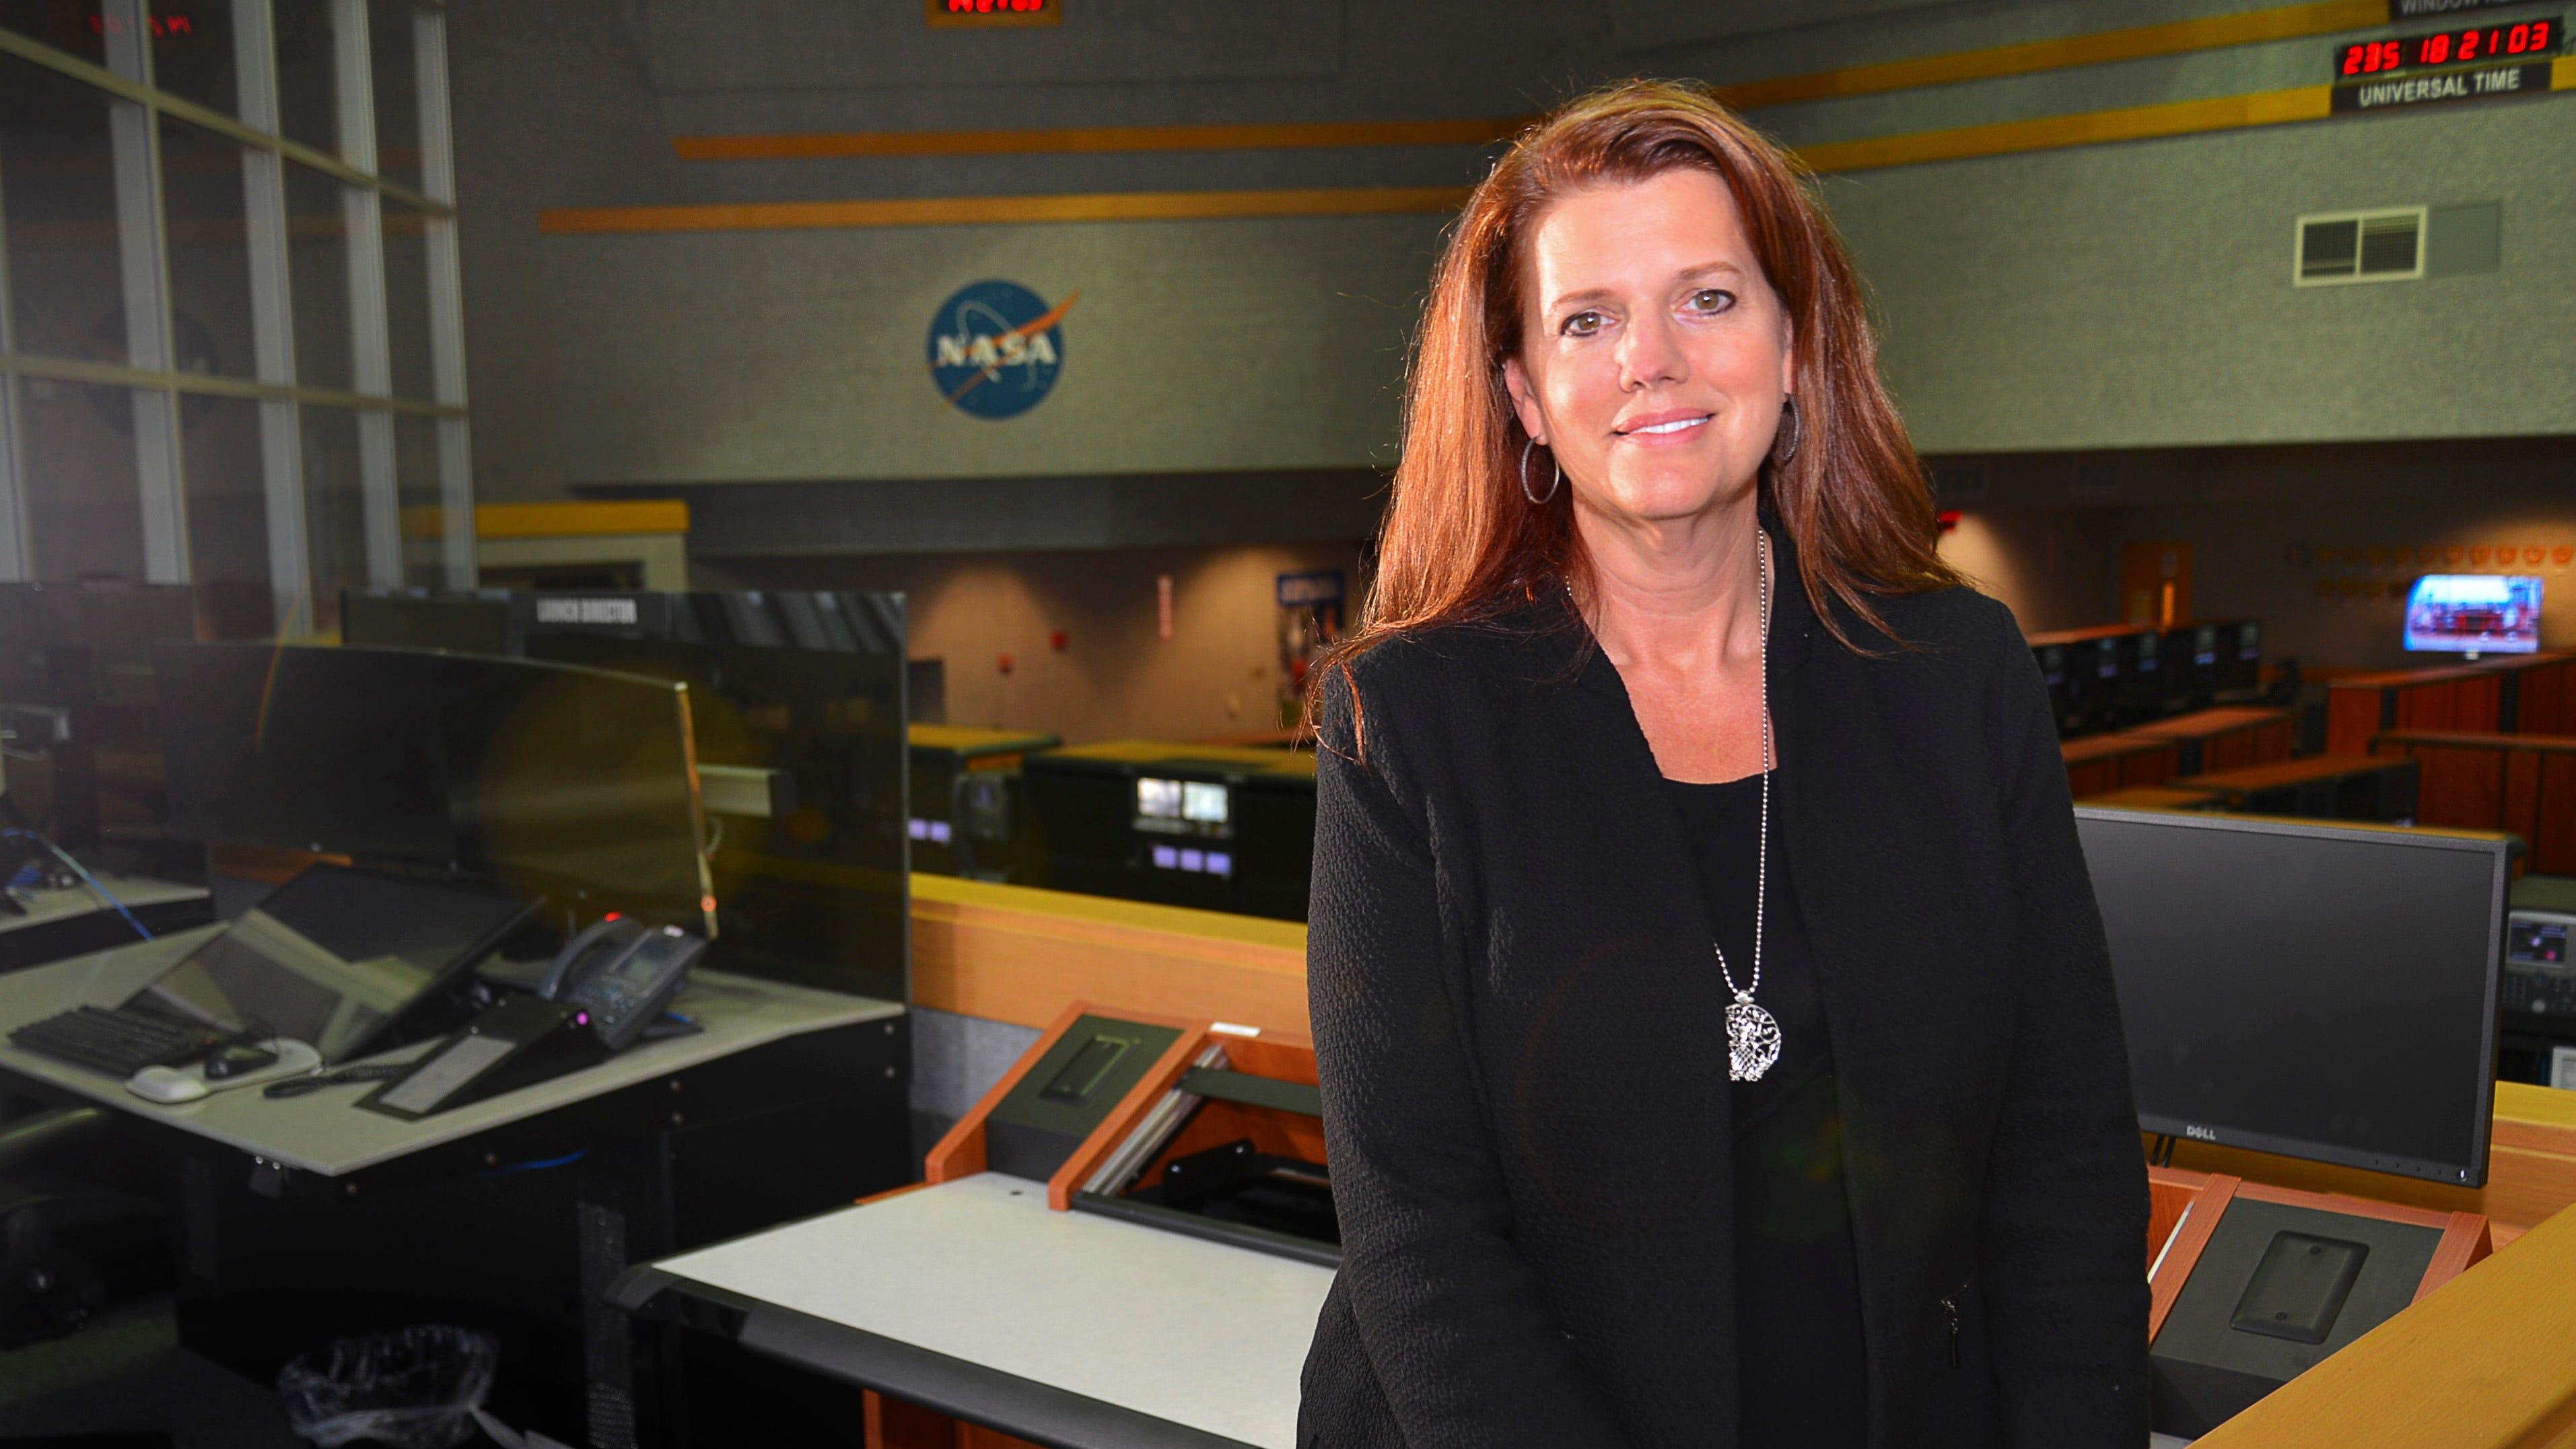 Charlie Blackwell-Thompson, director de publicaciones de Artemis, es la primera directora de publicaciones de la NASA en Shooting Room 1 en el Centro de Control Inicial.